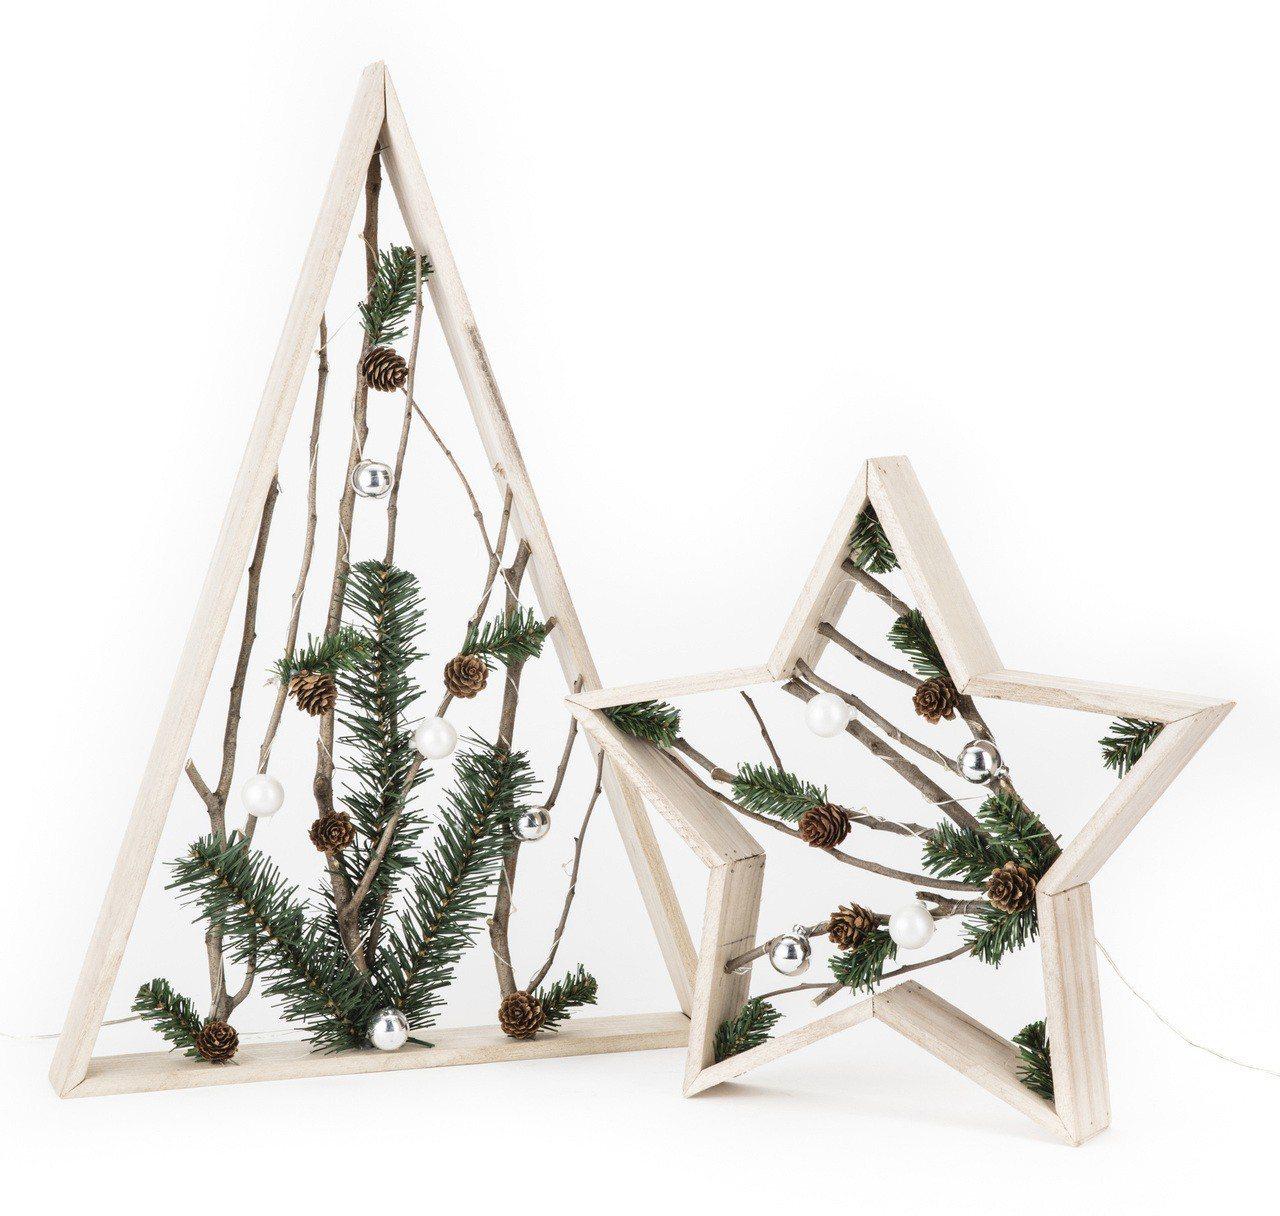 三角型五角星型聖誕LED擺飾燈圖/HOLA提供